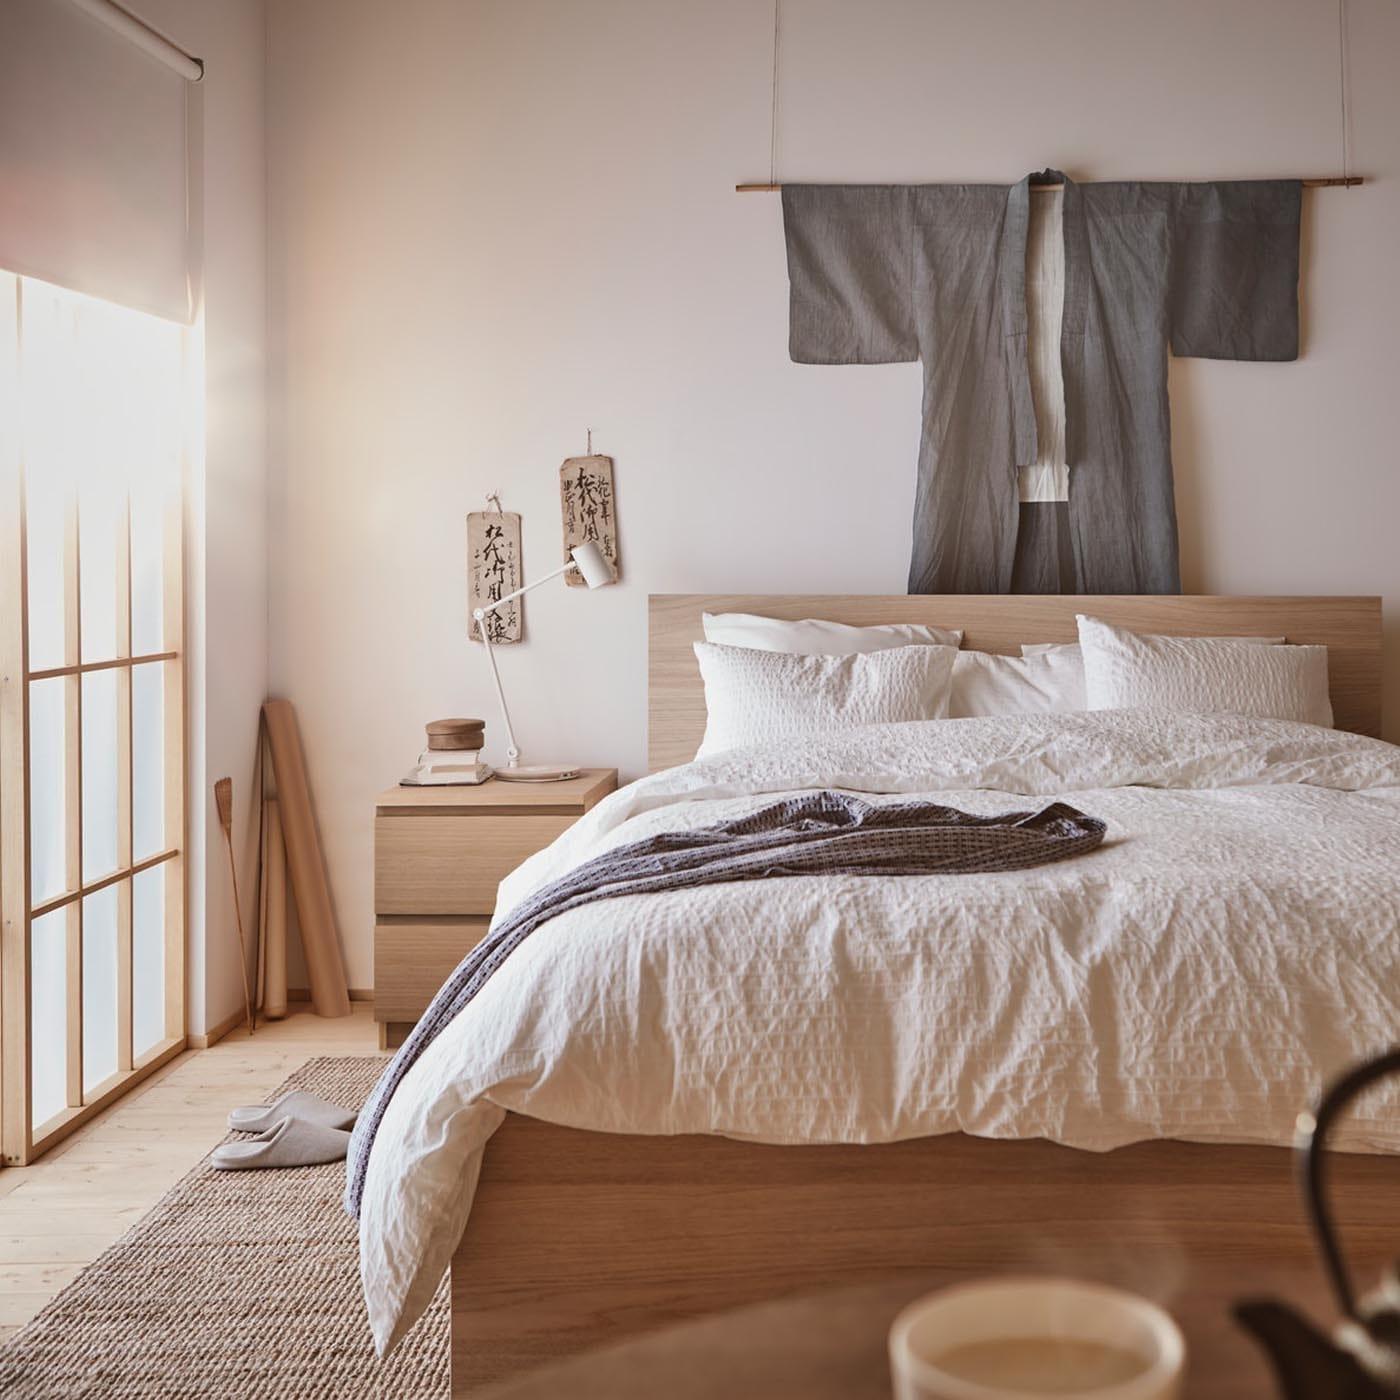 Patjan oikea hoito auttaa pitämään nukkumisympäristön puhtaana ja hygienisenä.